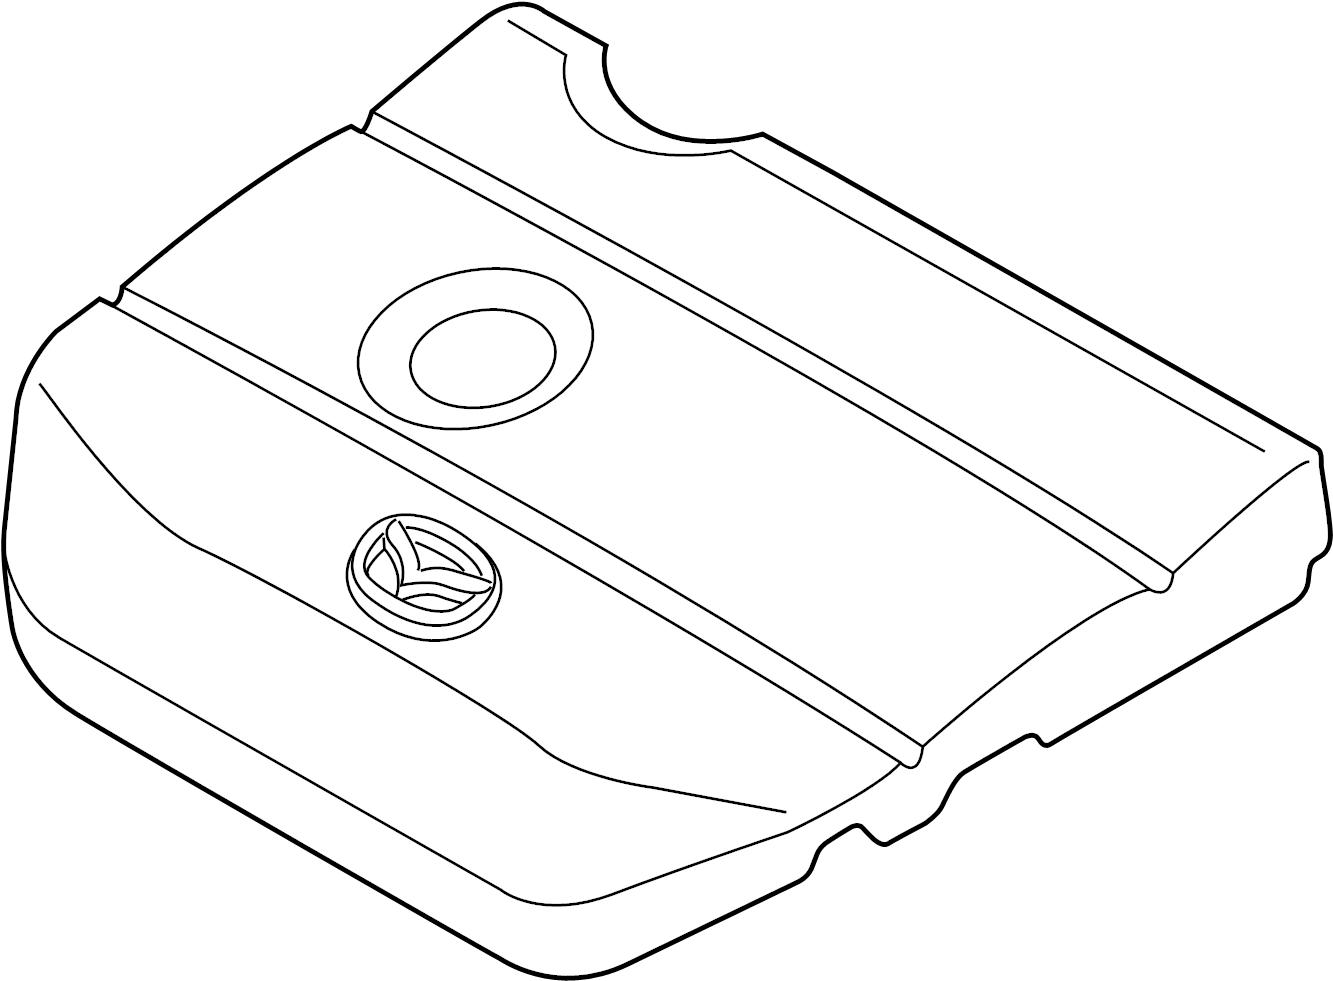 Mazda CX-7 Engine Cover. 2.0 LITER W/O SKYACTIV. 2.0L, 2